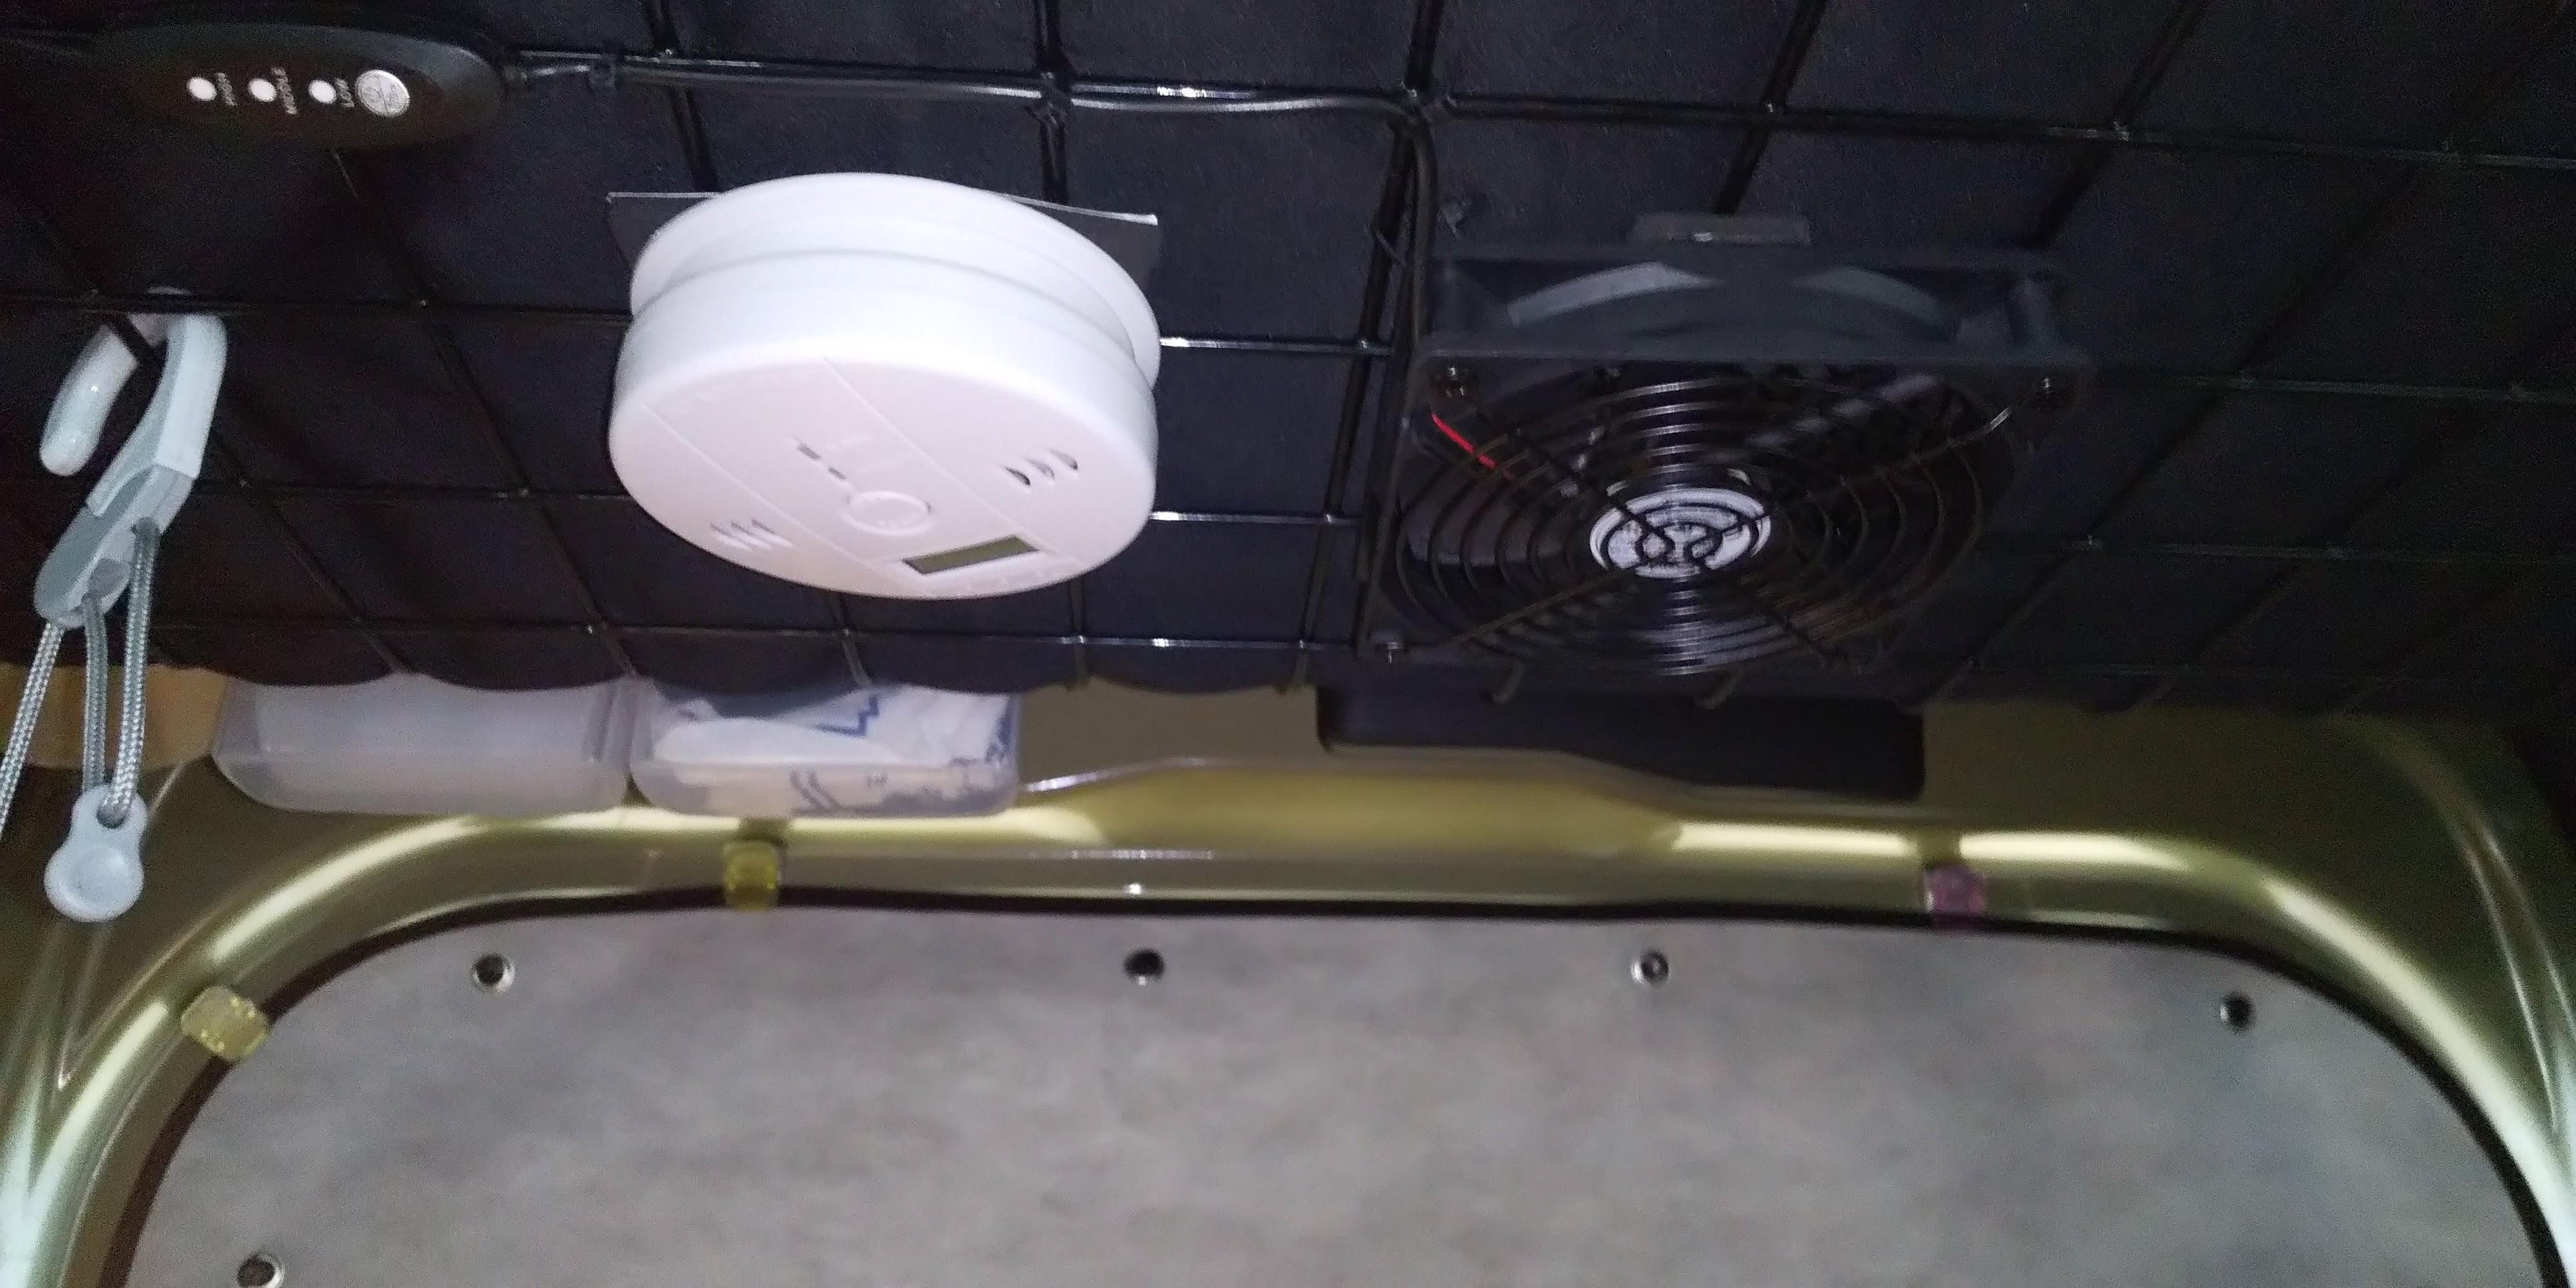 車内に取り付けた一酸化炭素警報器